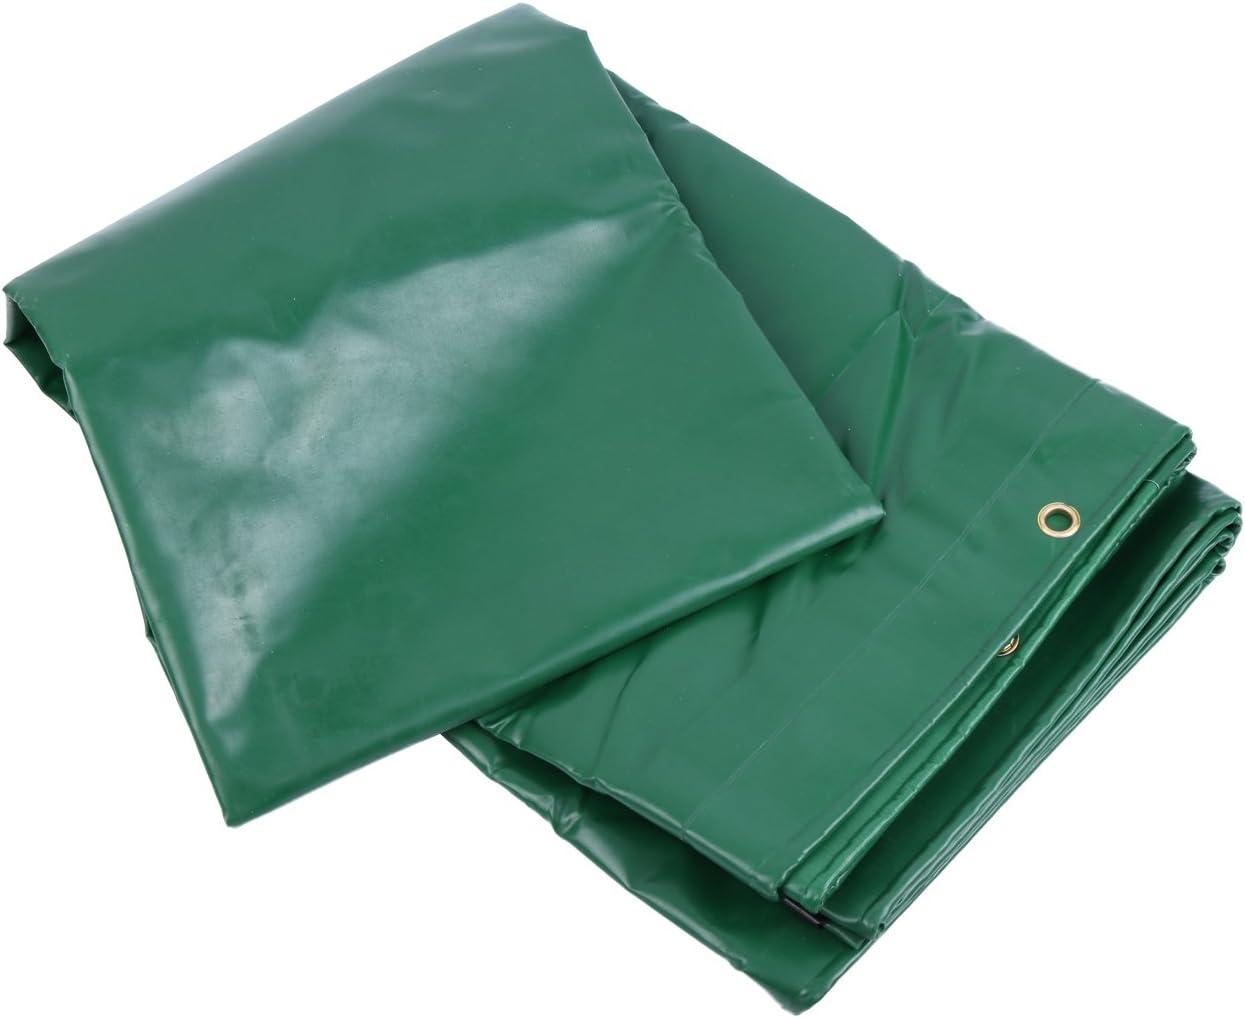 Paneltech 2x3m // 3x4m PVC Grueso Lona Impermeable Lona de protecci/ón lona encerado cubre de la tierra para acampar 3x4m, Verde pesca jardiner/ía y mascotas